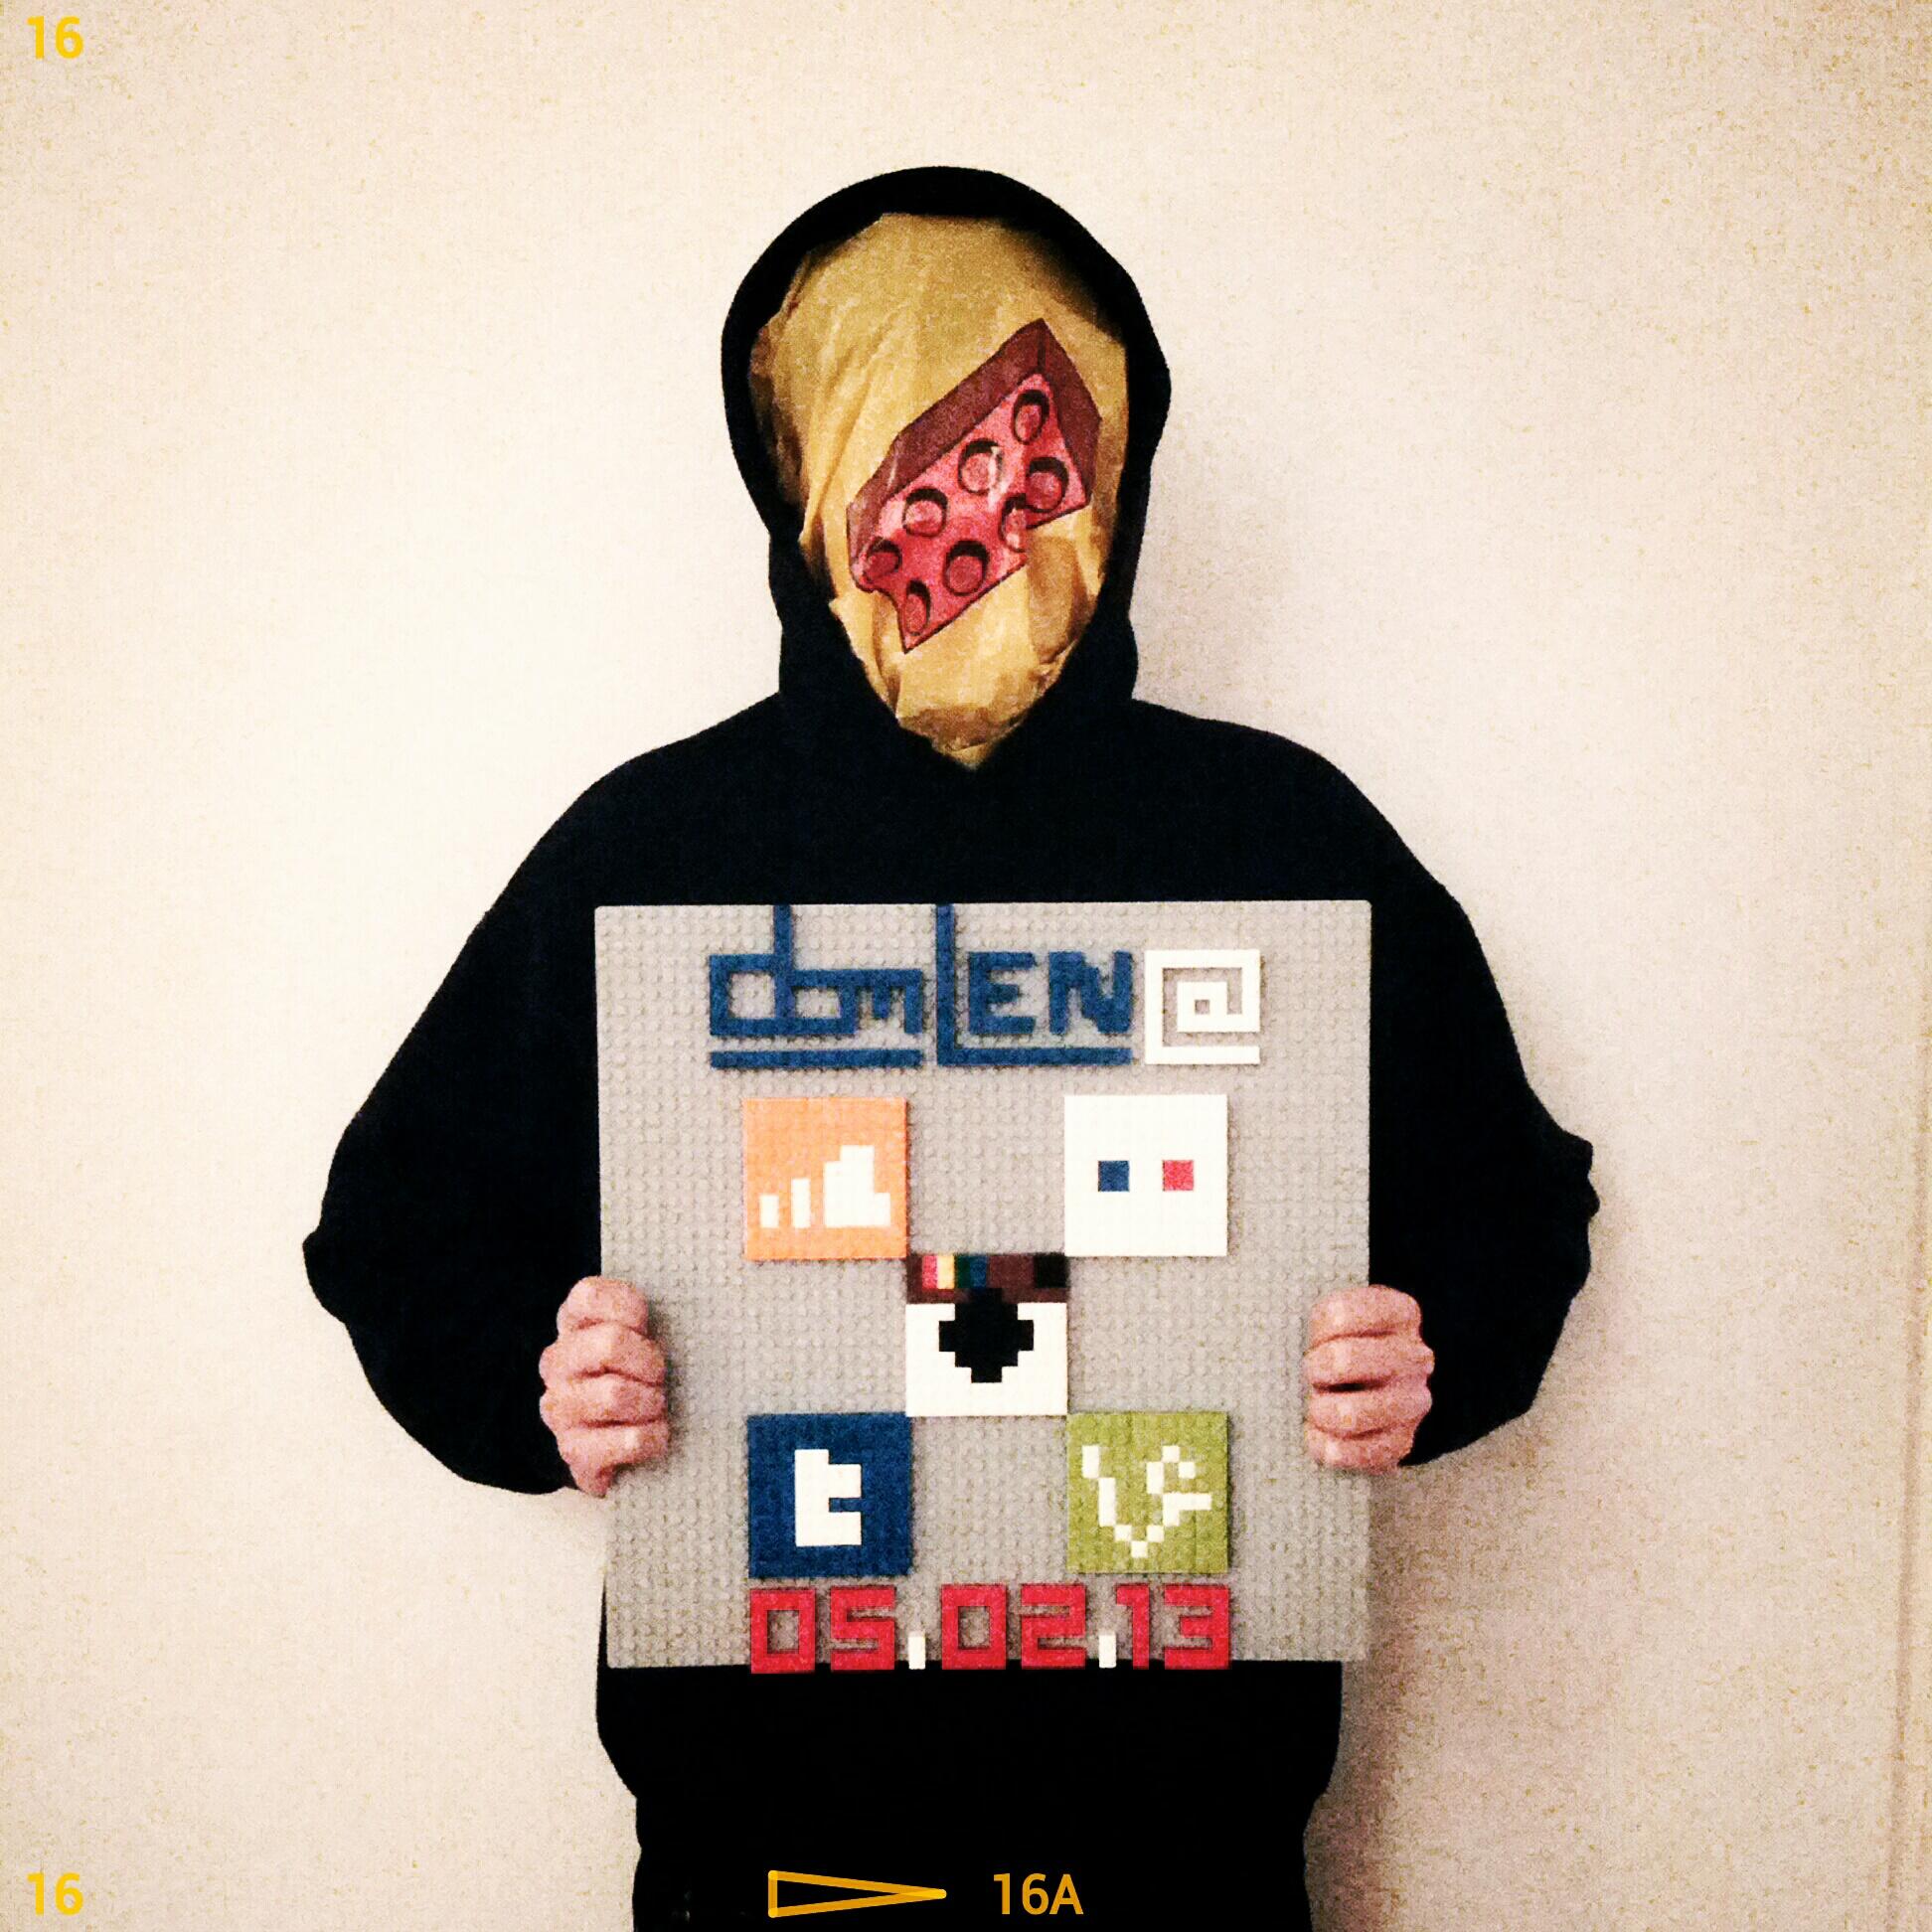 Selbstportrait als online-süchtiger LEGO Fan.